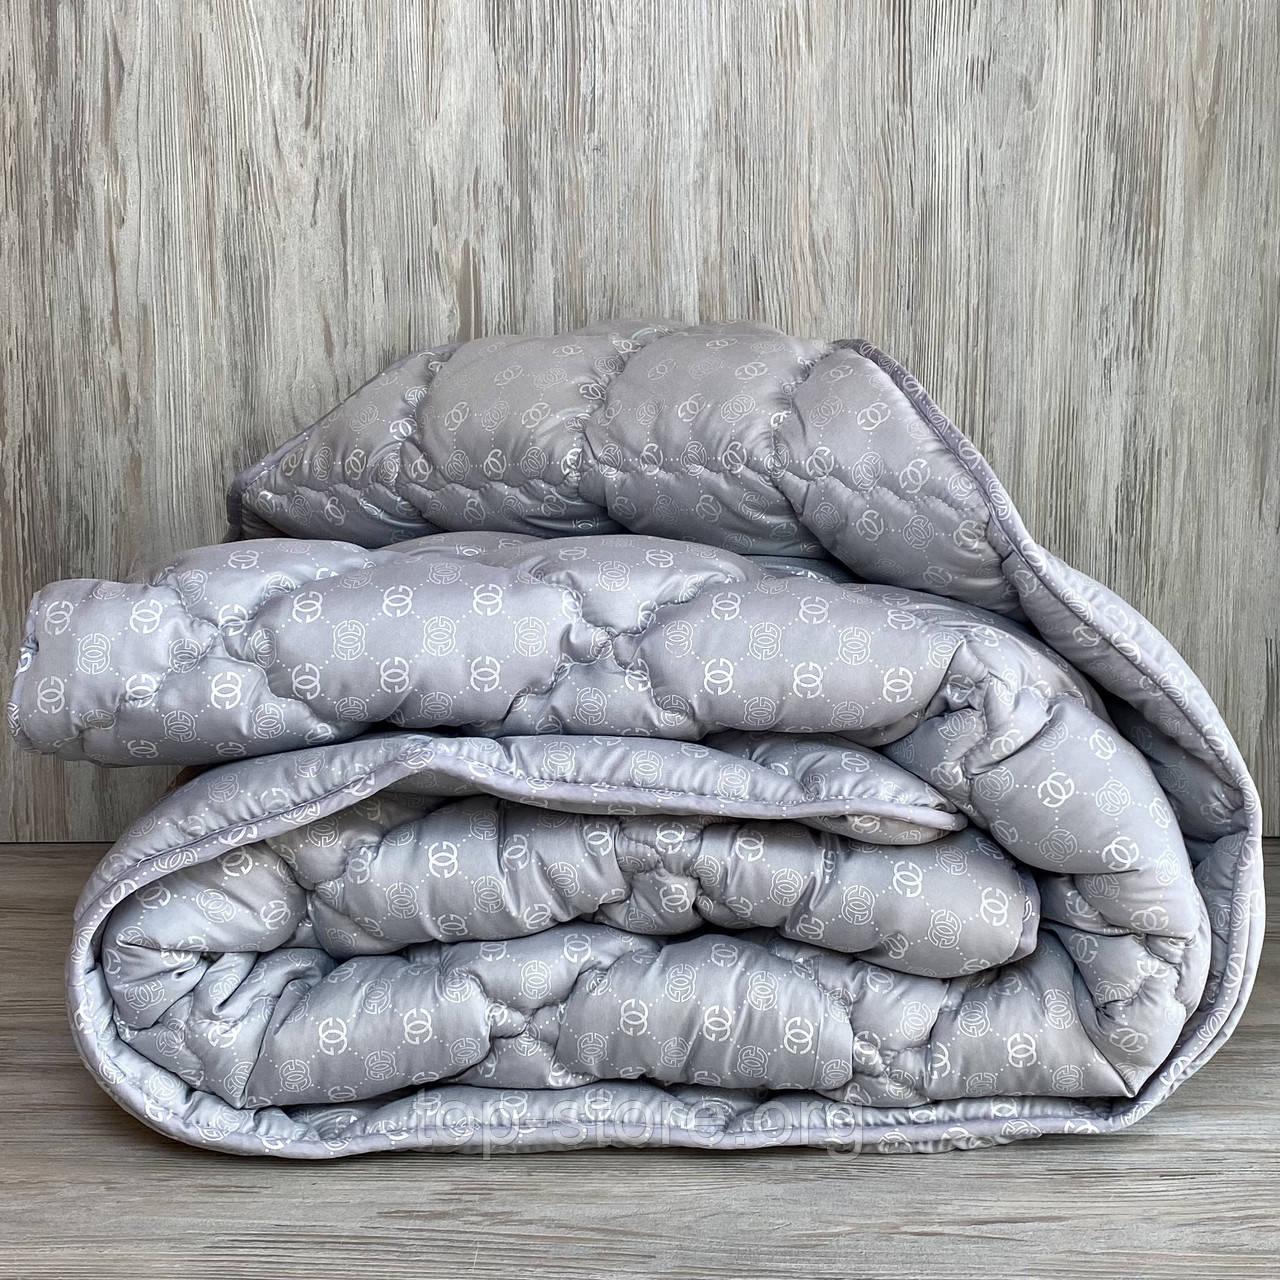 Ковдра на холлофайбері ОДА Двуспального розміру 175х210 Стьобана зимова ковдра високої якості